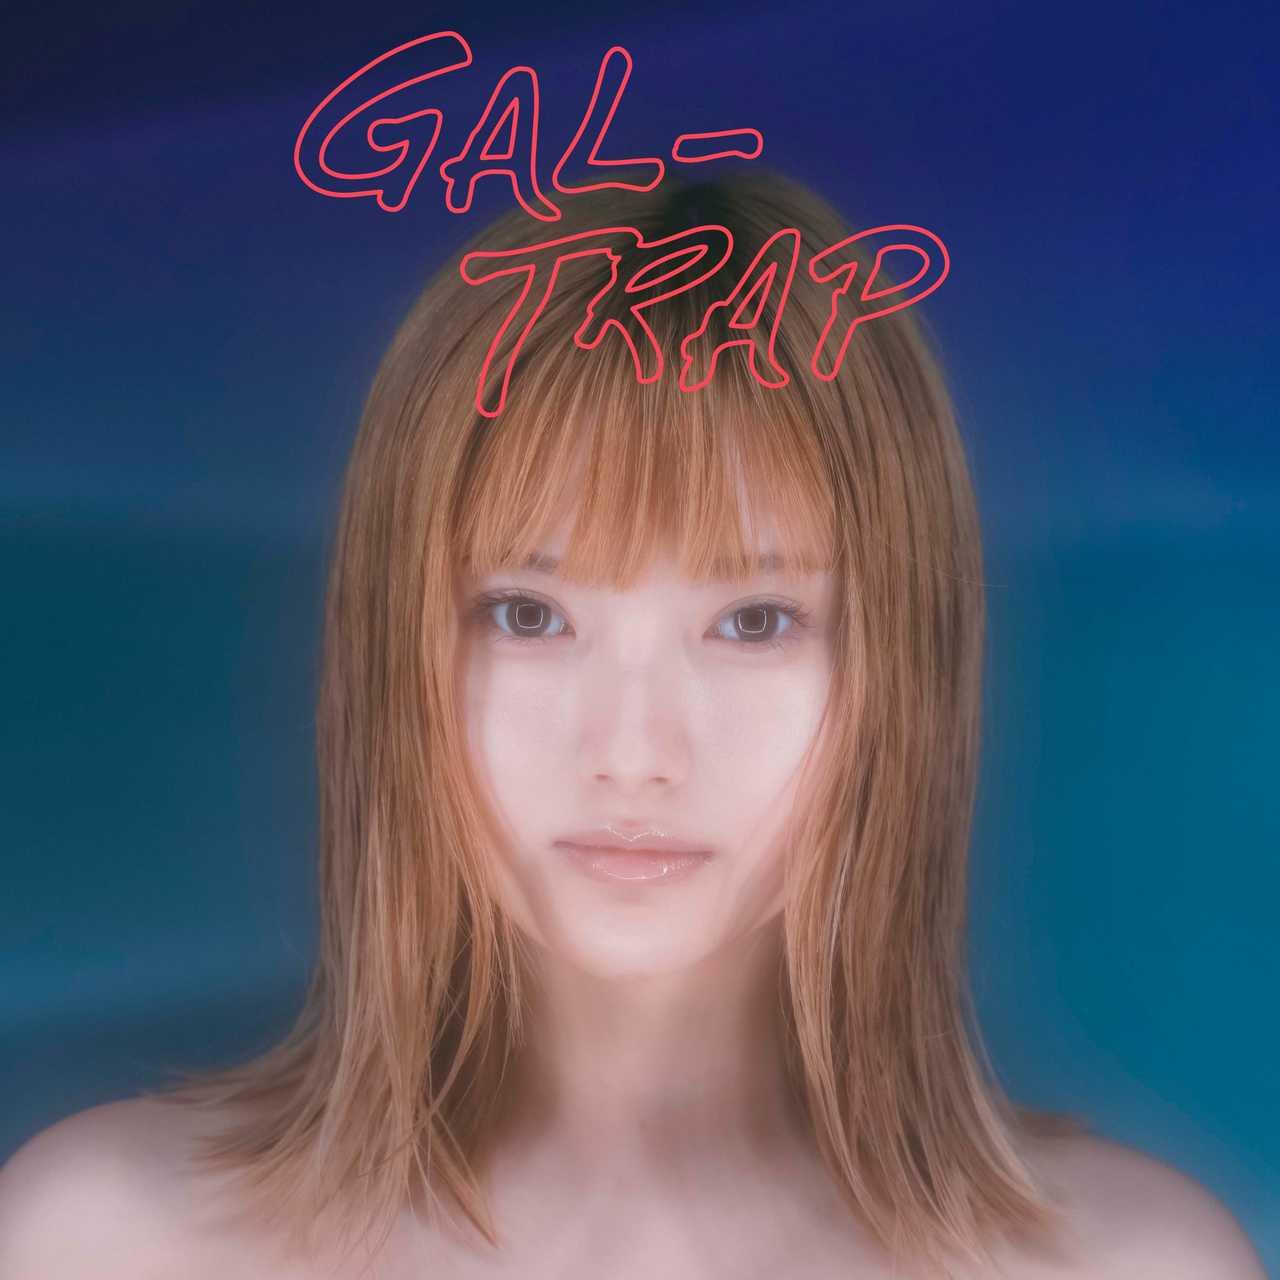 安斉かれん 9月16日リリース「GAL-TRAP」のすっぴん風メイクのジャケ写公開&フル音源も解禁!